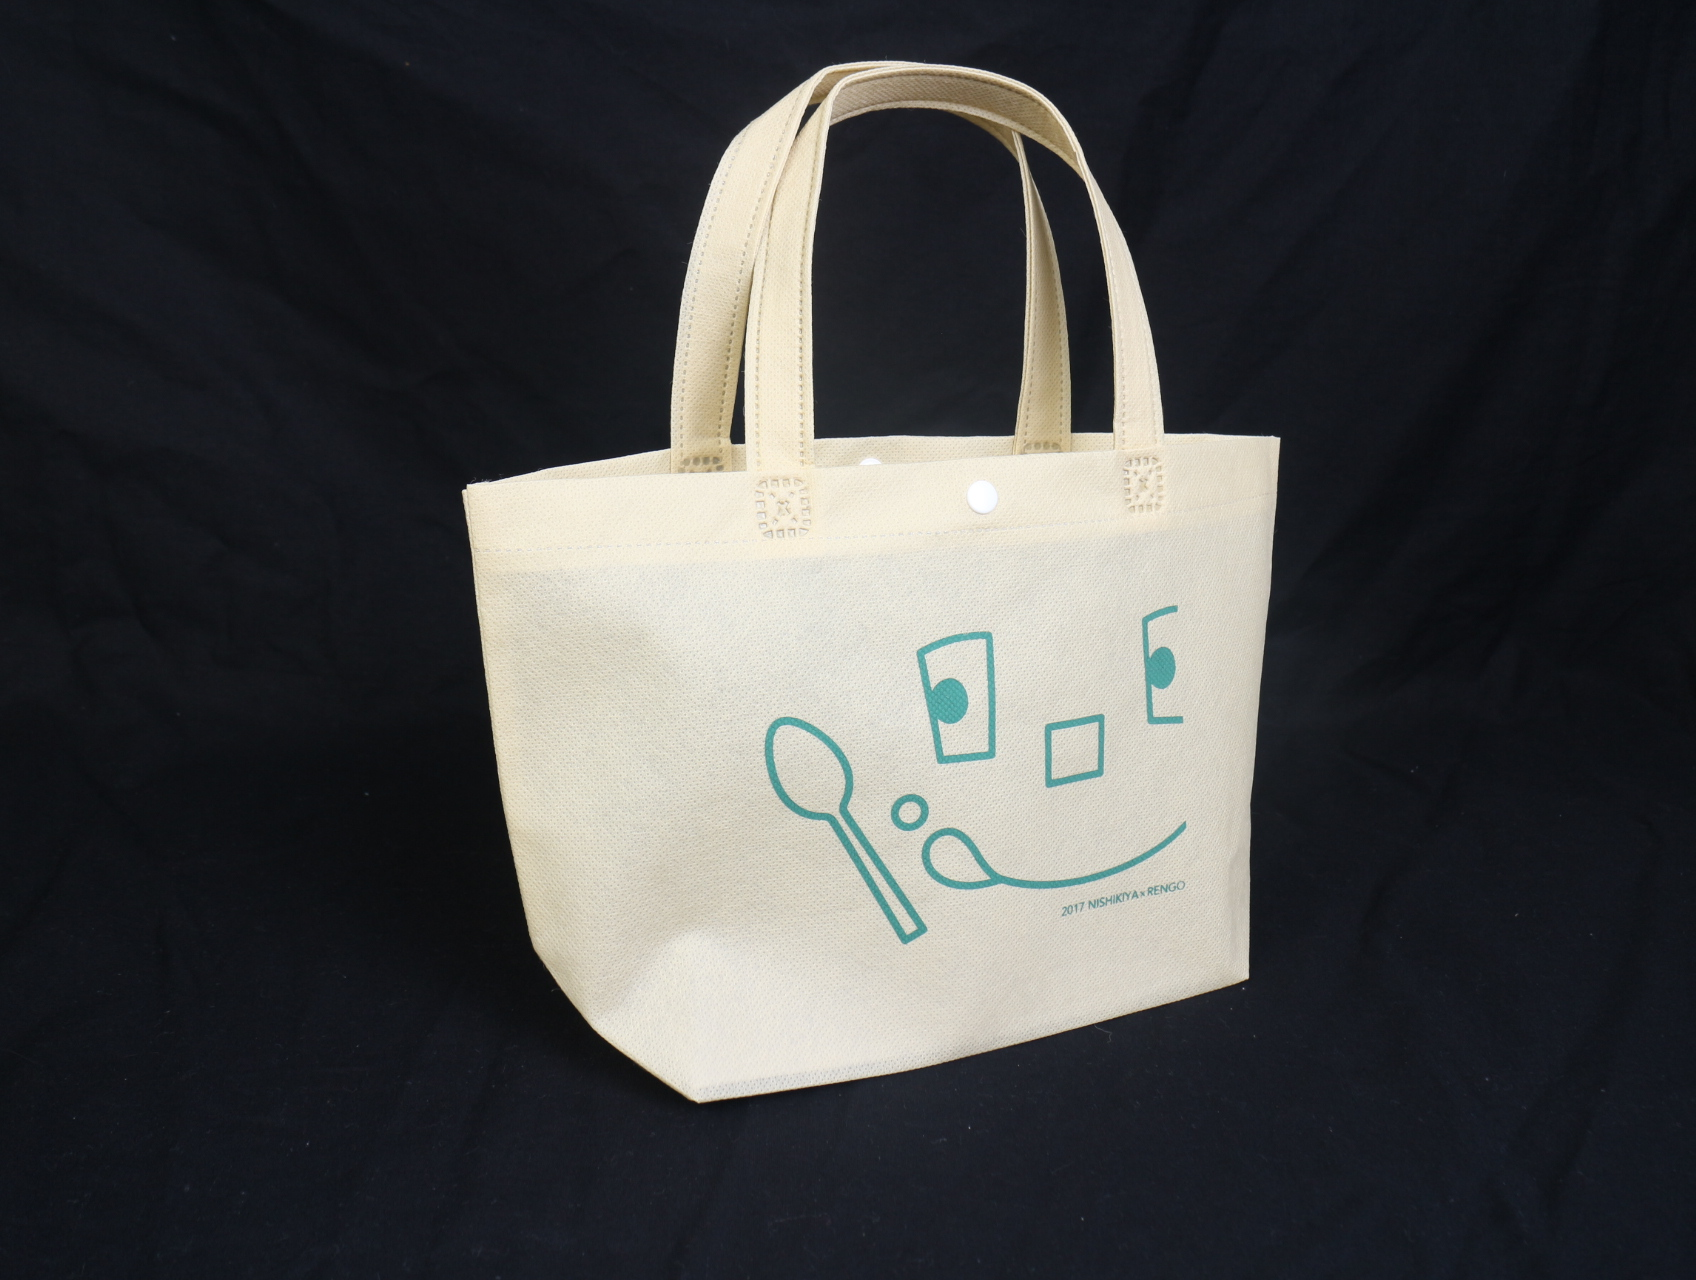 運ぶ・並べる・売れる、様々な用途の段ボールを作られている会社様のオリジナル不織布バッグ